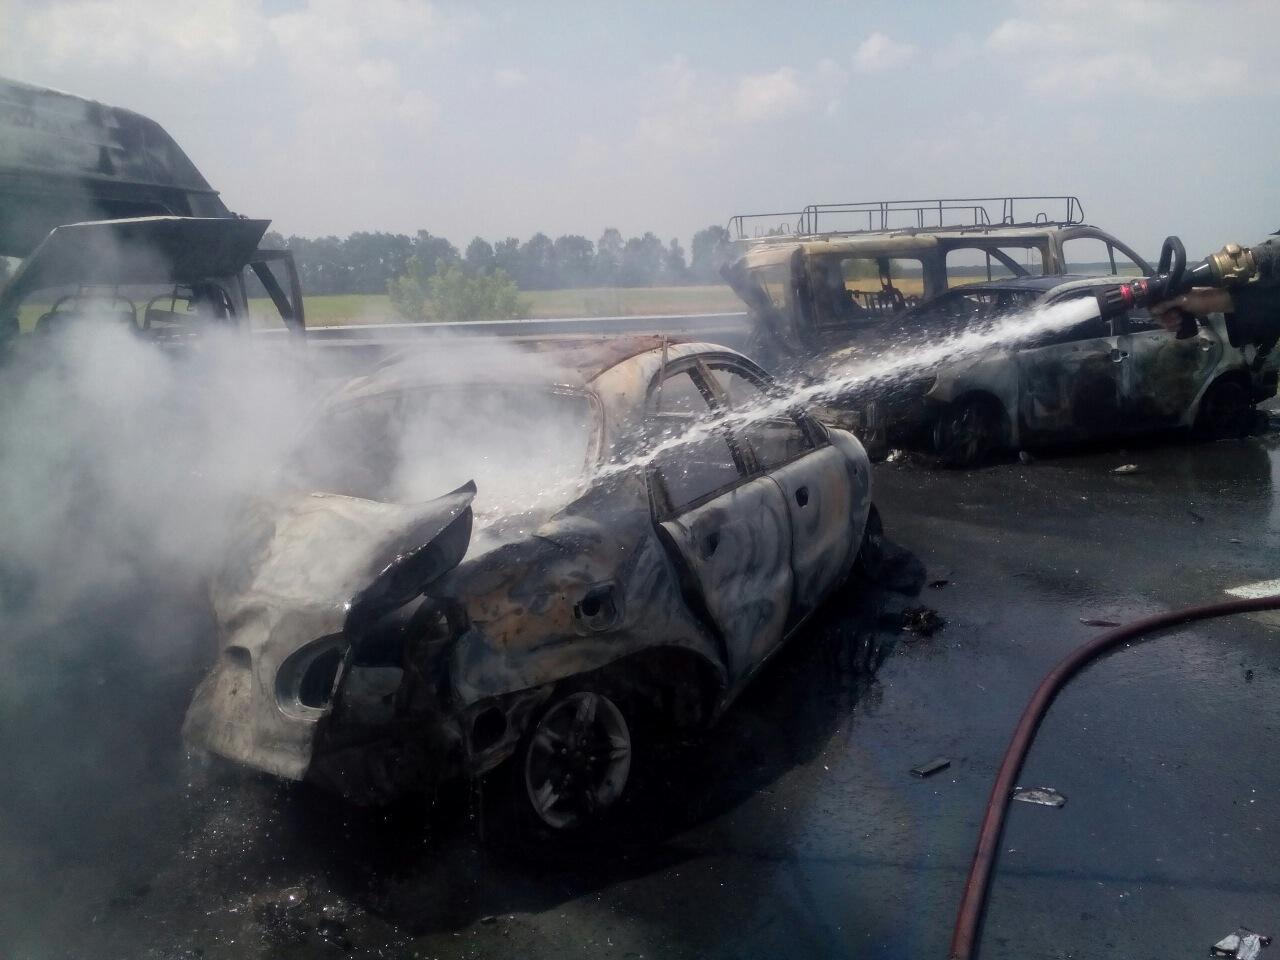 Еще одно масштабное ДТП из-за пожара на поле: сгорело пять автомобилей, есть погибшие